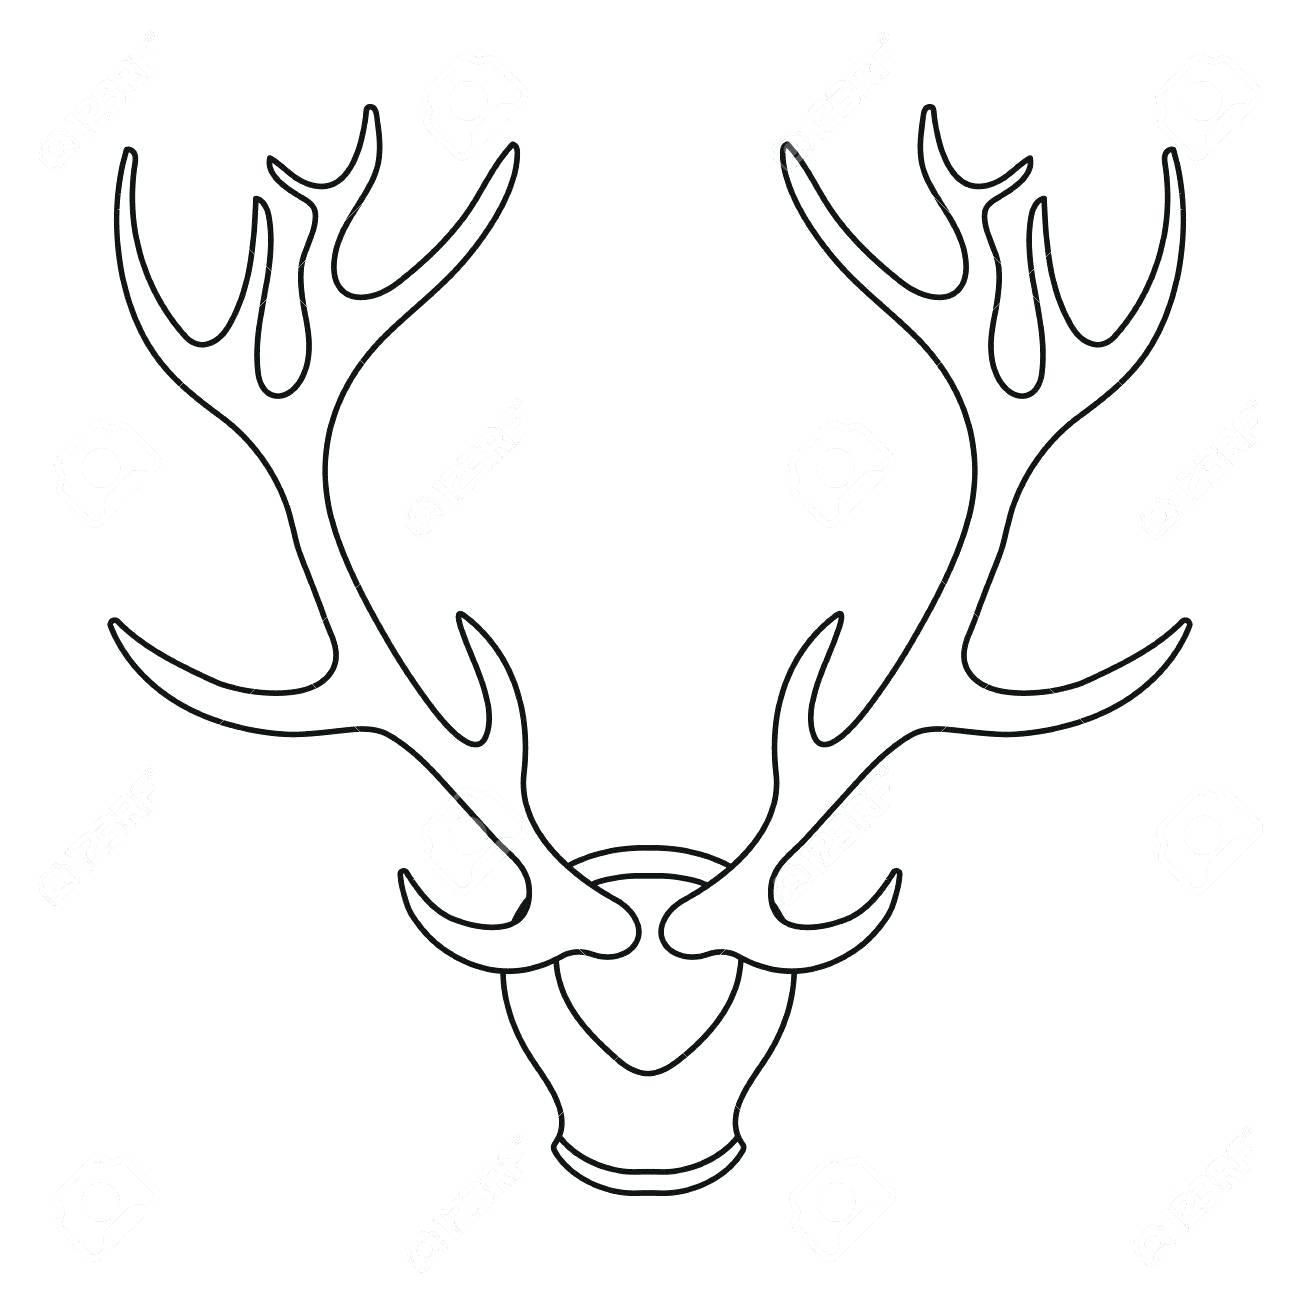 1300x1300 Coloring Terrific Deer Outline. Deer Face Drawing Outline. Deer